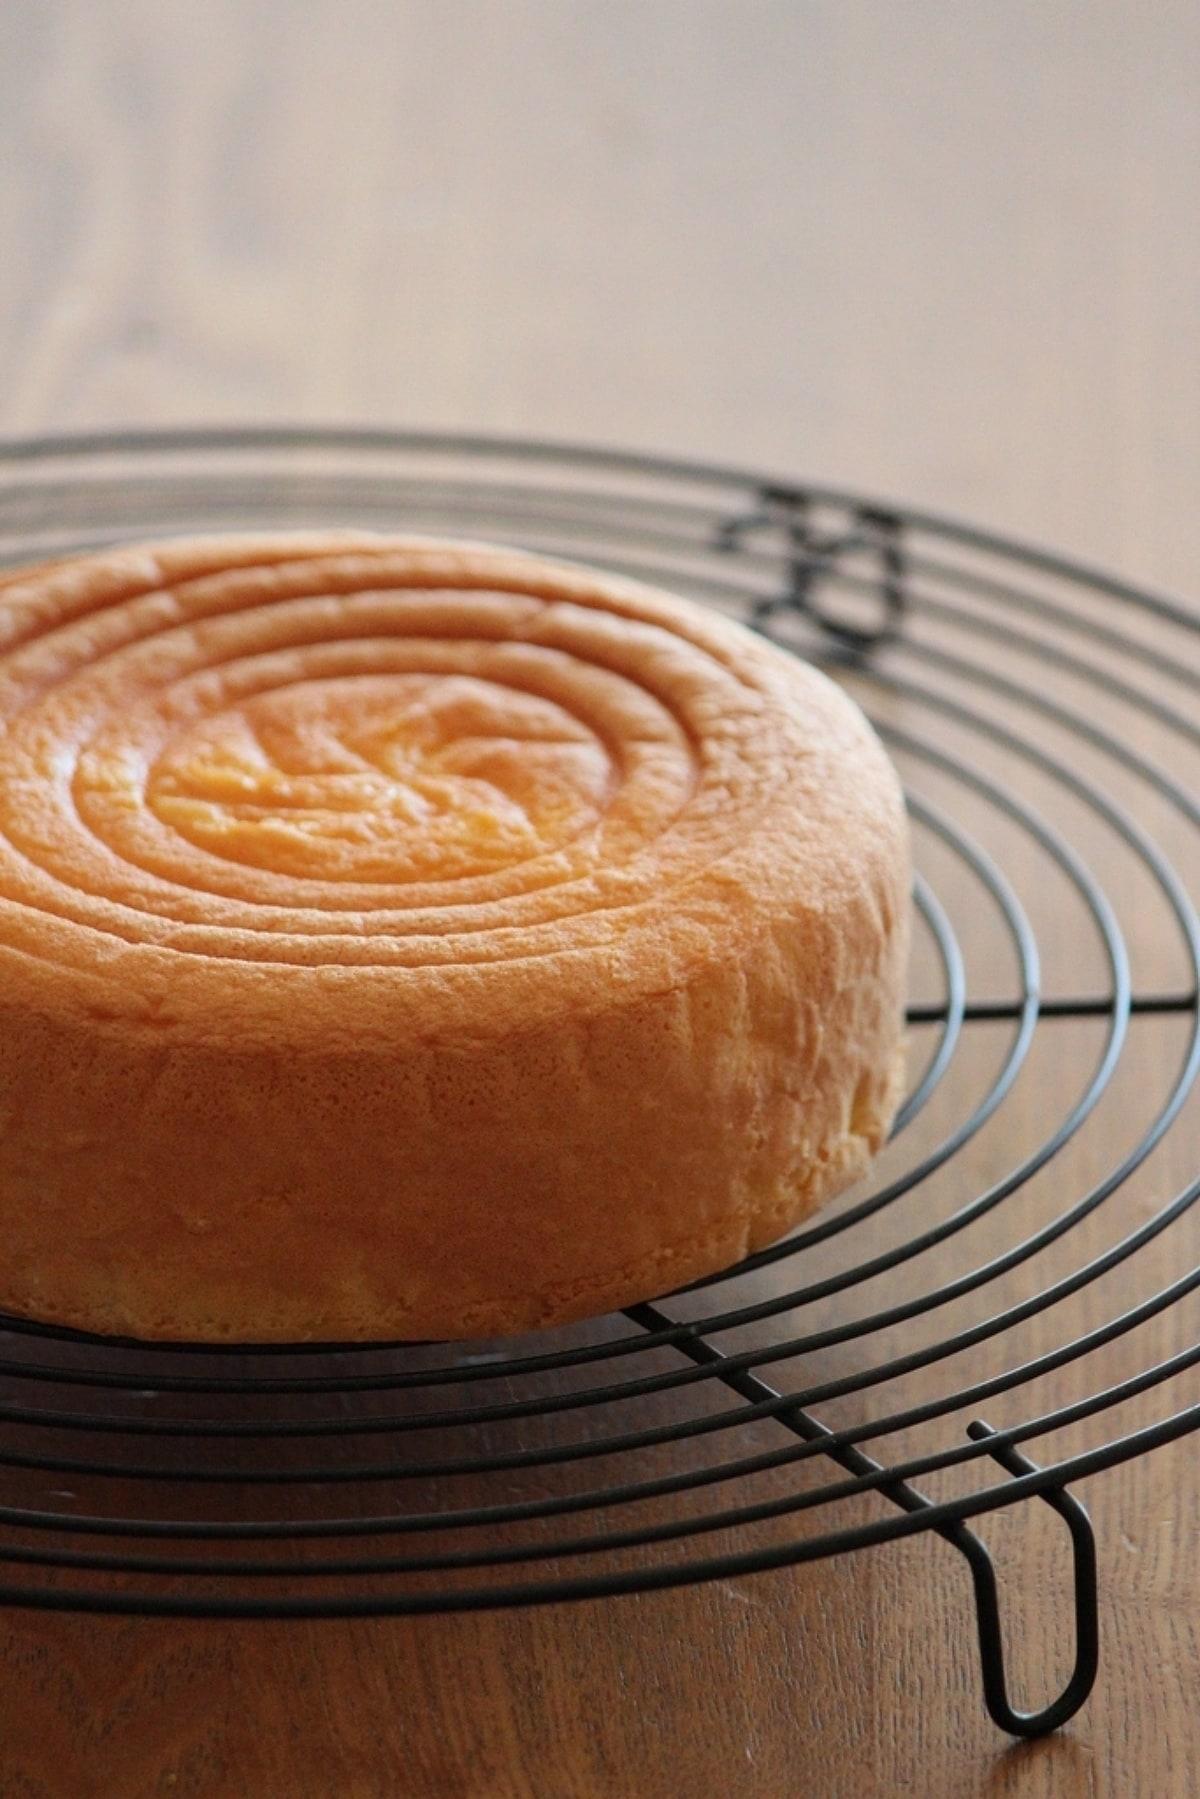 メレンゲで作る、基本のスポンジケーキ。